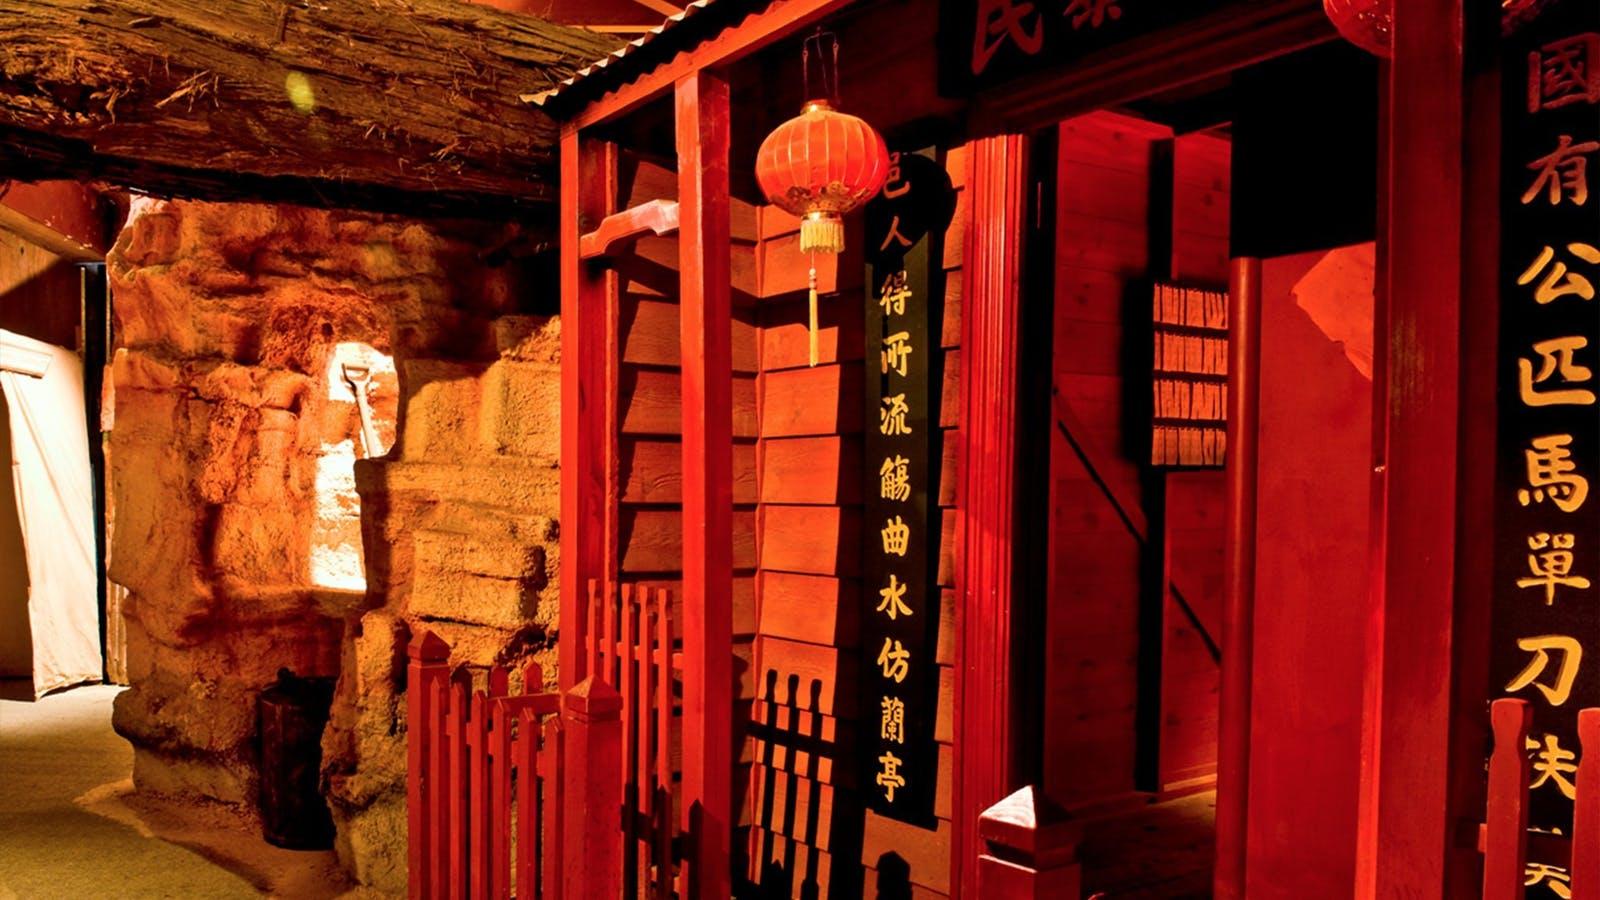 Guan Gong Temple